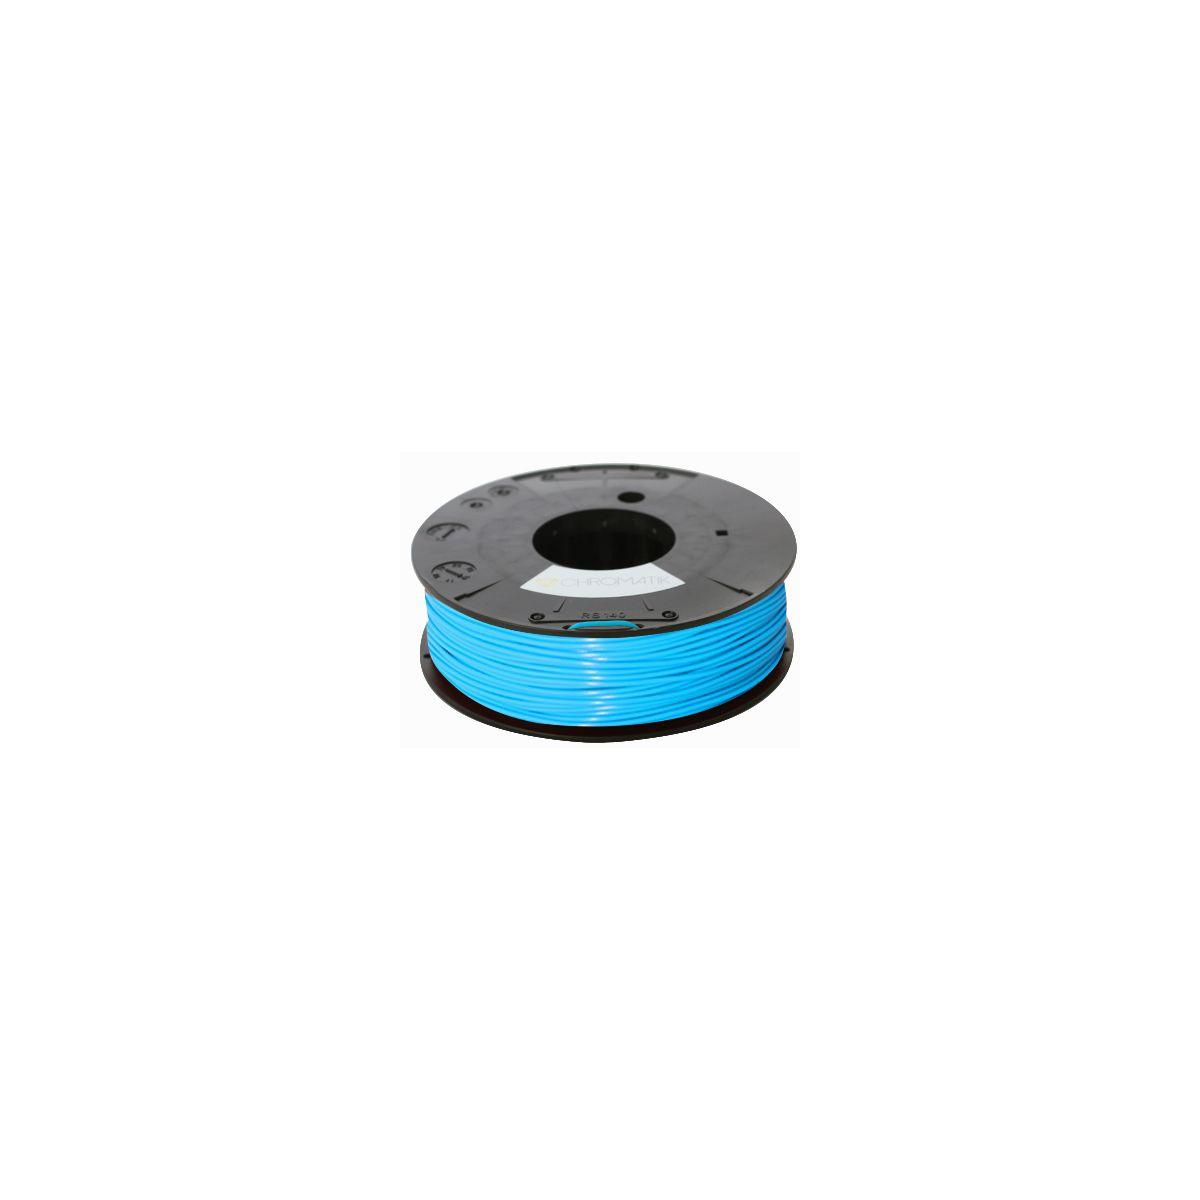 Filament 3d dagoma filament pla chromatik 250g bleu azur - 2% de remise imm�diate avec l